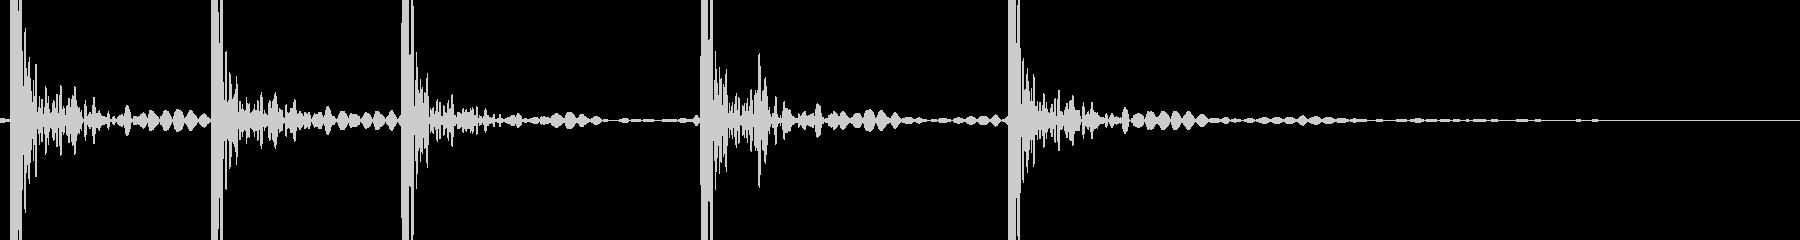 ドンドンドンドン,ドン (ドアを叩く音)の未再生の波形